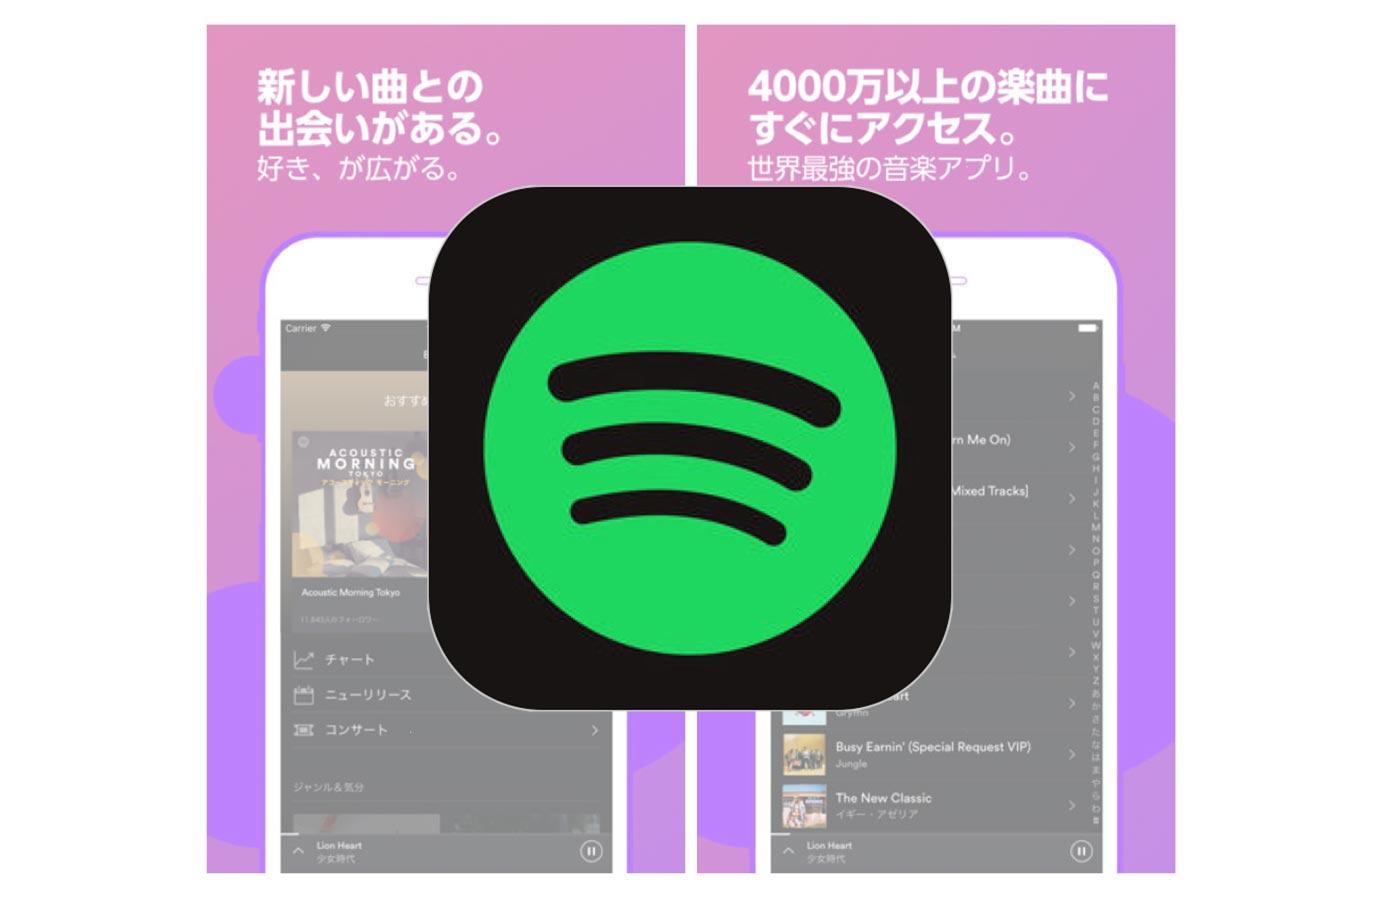 iOSアプリ「Spotify」がアップデートでiPhone Xのディスプレイサイズに対応